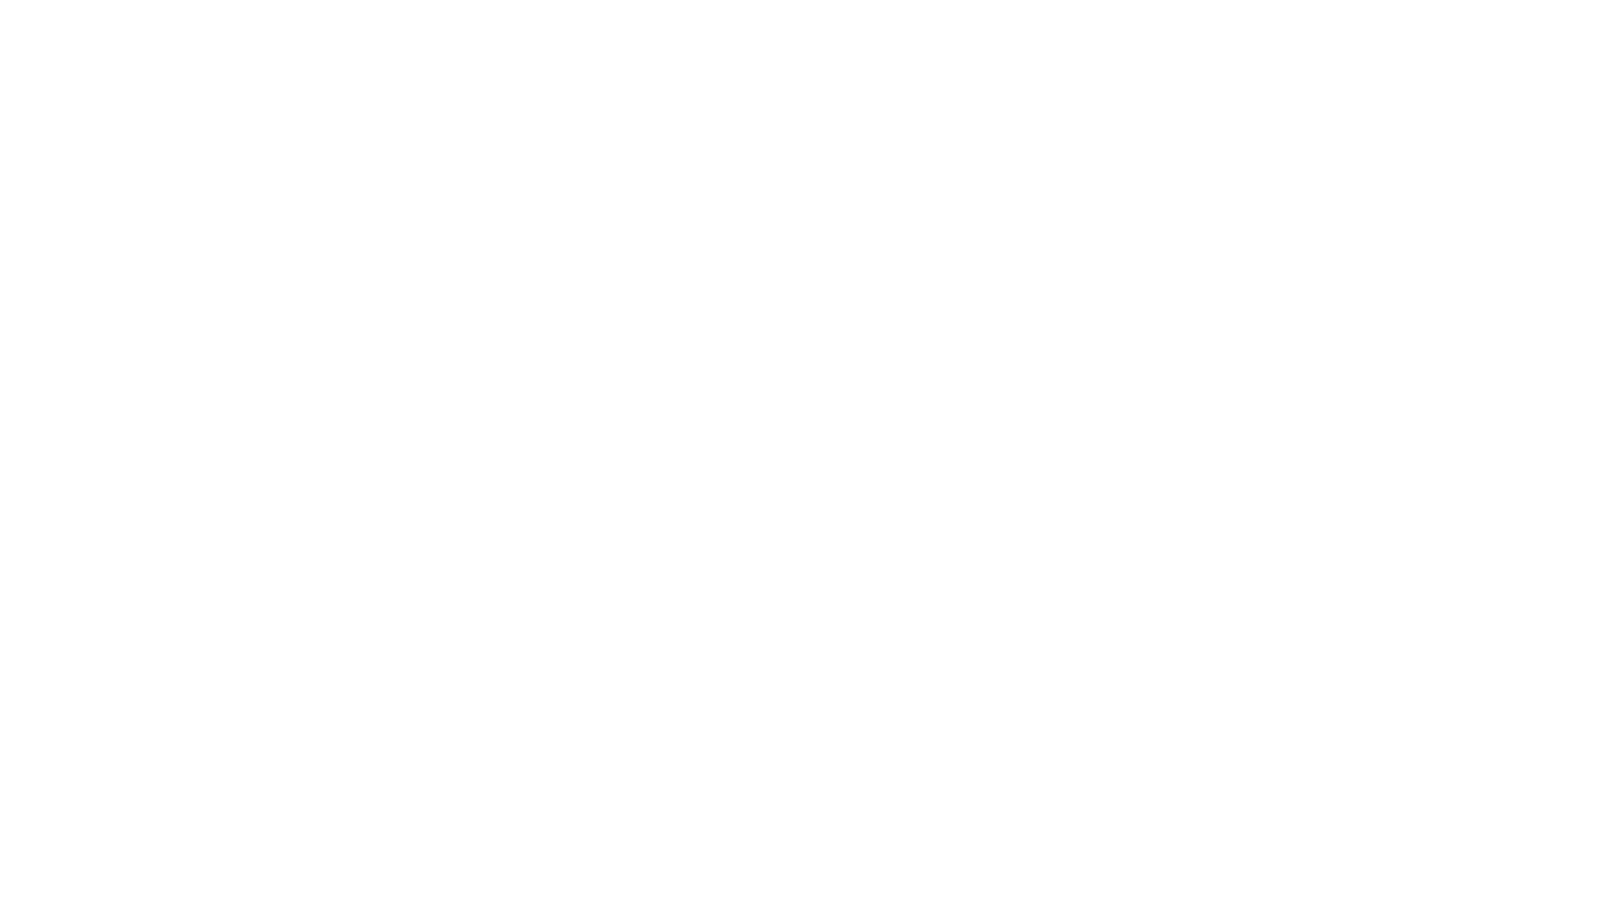 Fonte: https://www.spreaker.com/user/rossanosambo/luce-anima-regressione-vite-passate  Le esperienze di vite passate possono aiutarti a capire cosa è veramente la tua Anima e ad aprire nuove possibilità per il benessere e la guarigione spirituale. https://www.spazioazzurro.net/20210712/ipnosi-regressiva/regressione-a-vite-passate-luce-anima